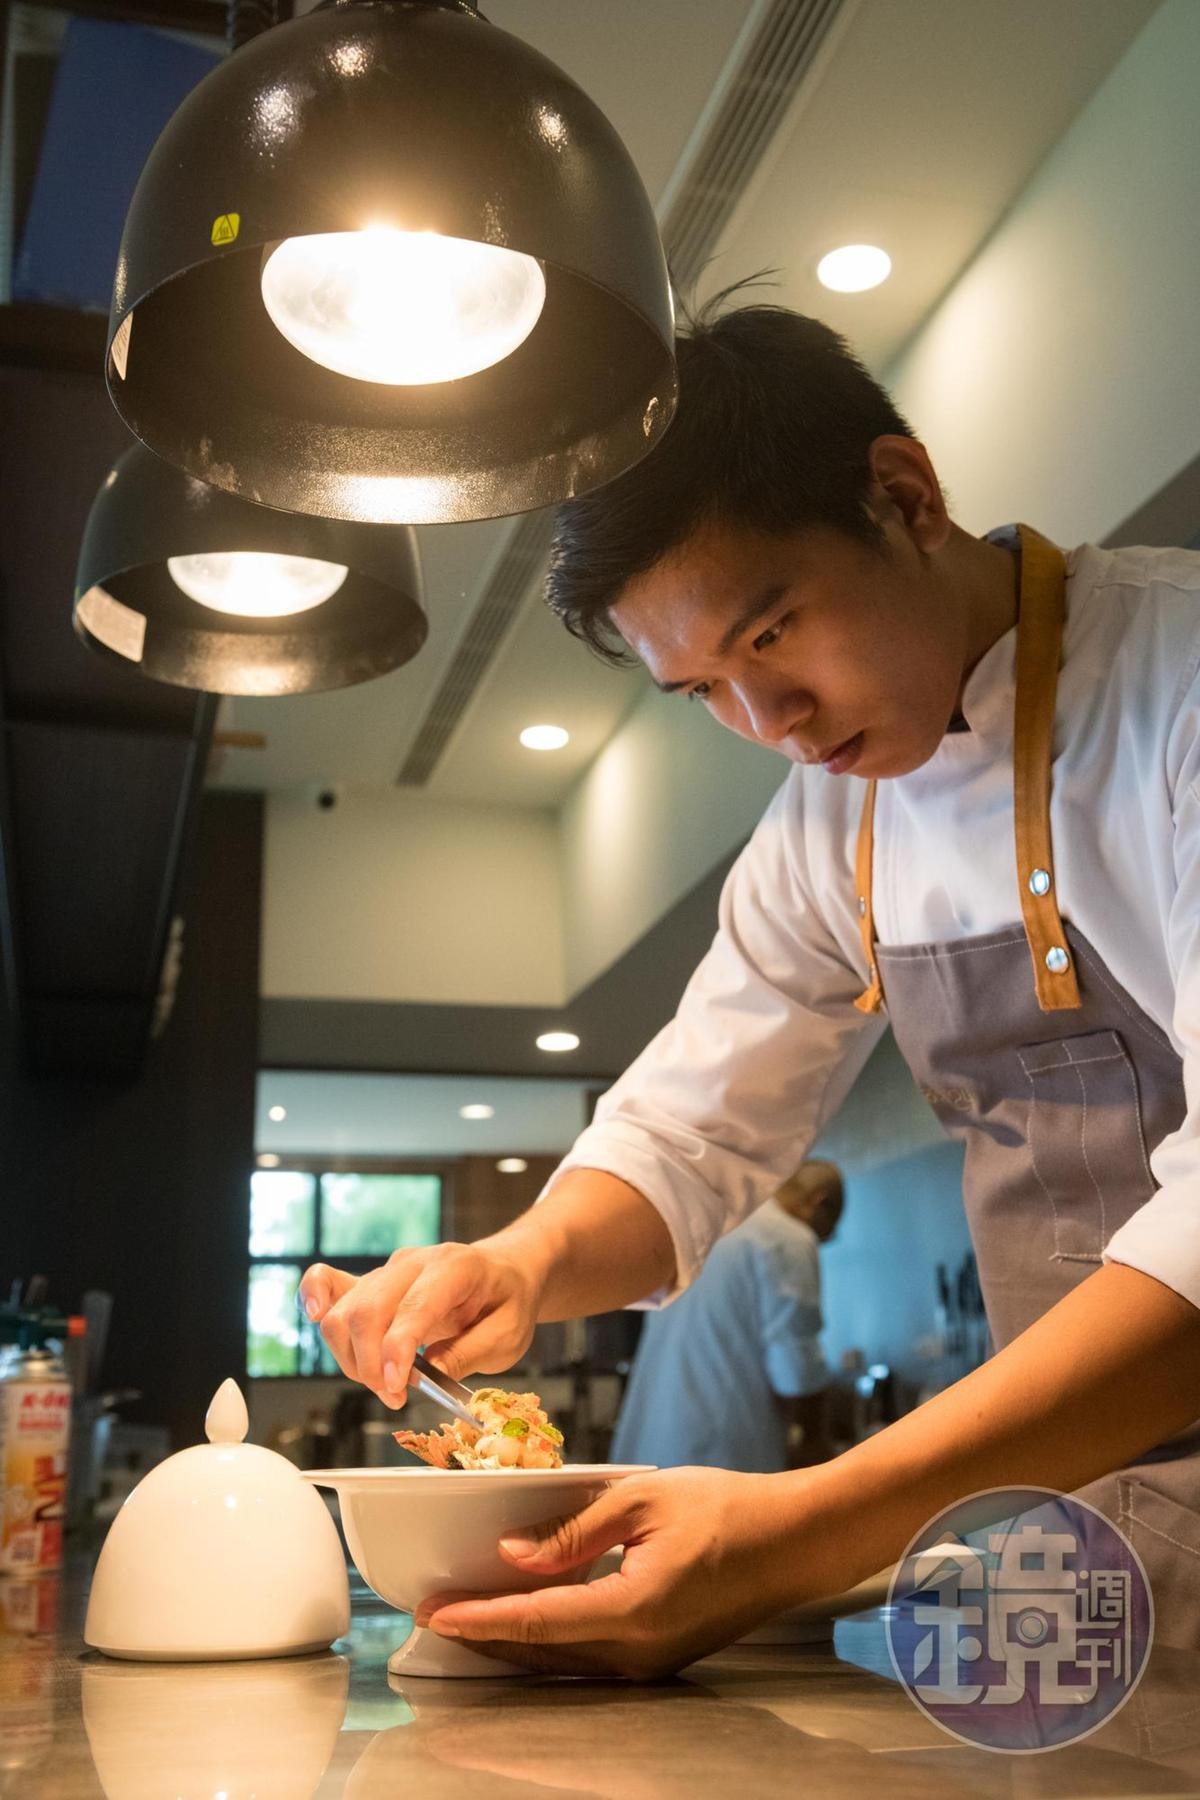 從馬賽漁港到成功漁港 他放棄米其林3星餐廳回臺東部落 - Yahoo奇摩新聞